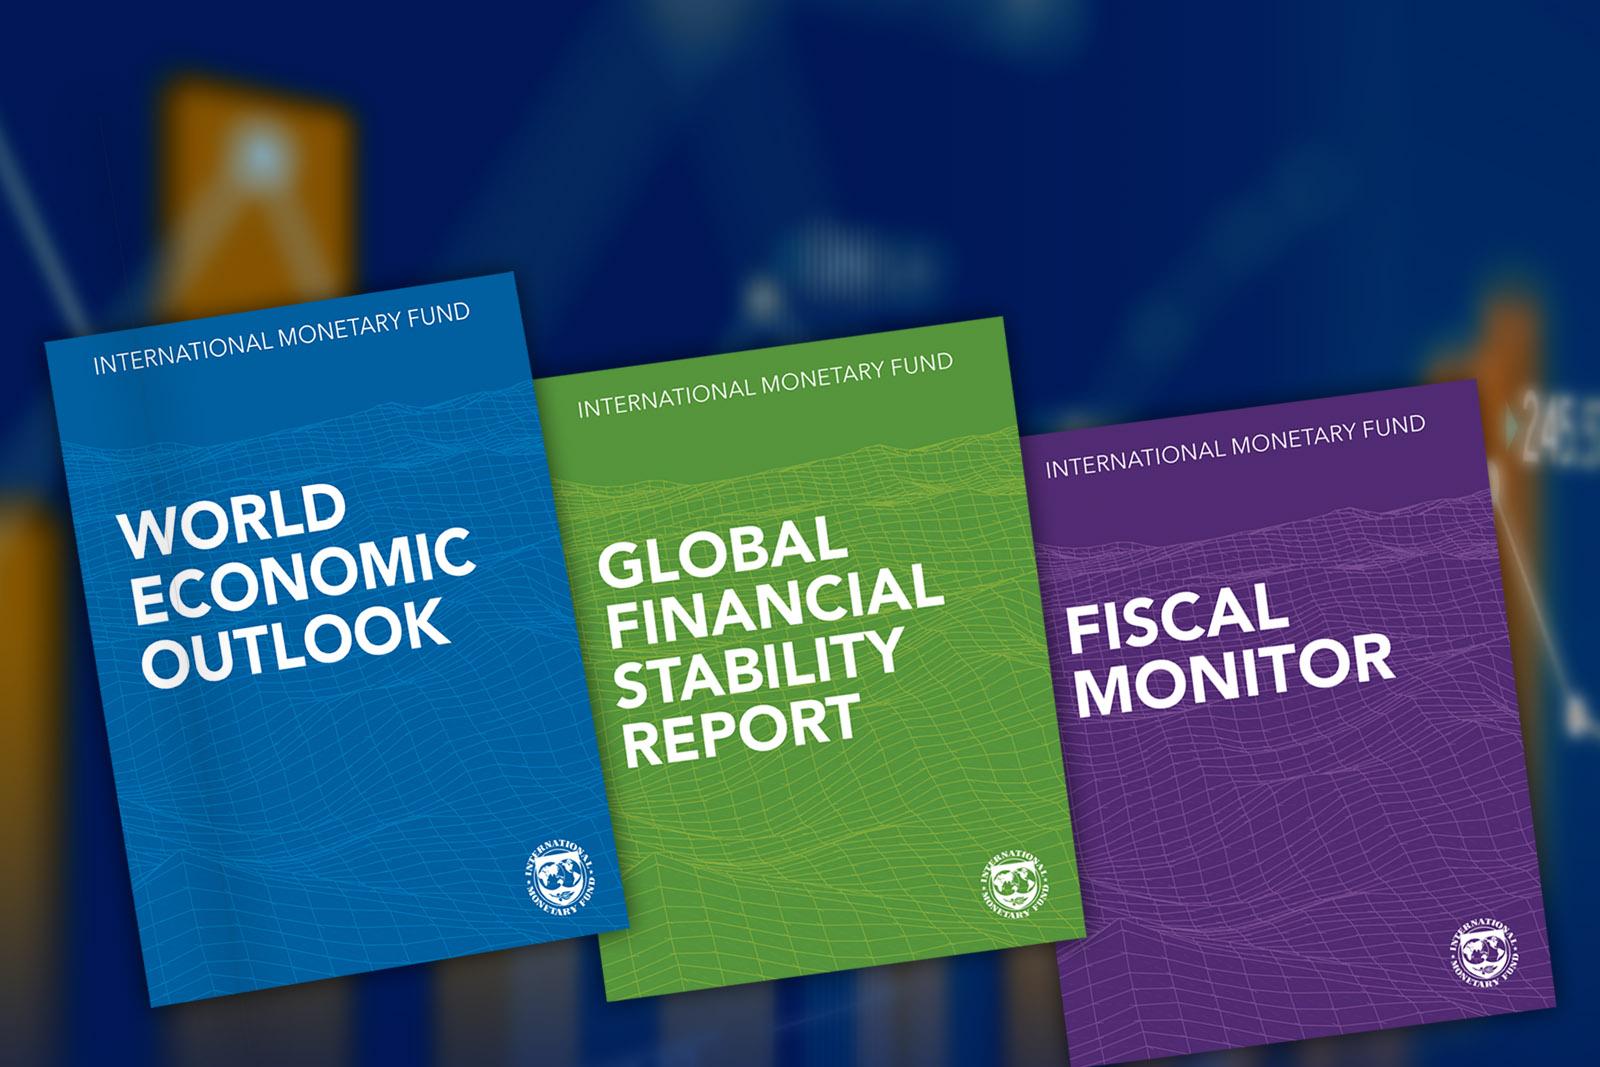 IMF Nisan Ayı Ekonomik Görünüm, Finansal İstikrar ve Finansal İzleme Raporlarını Yayınladı